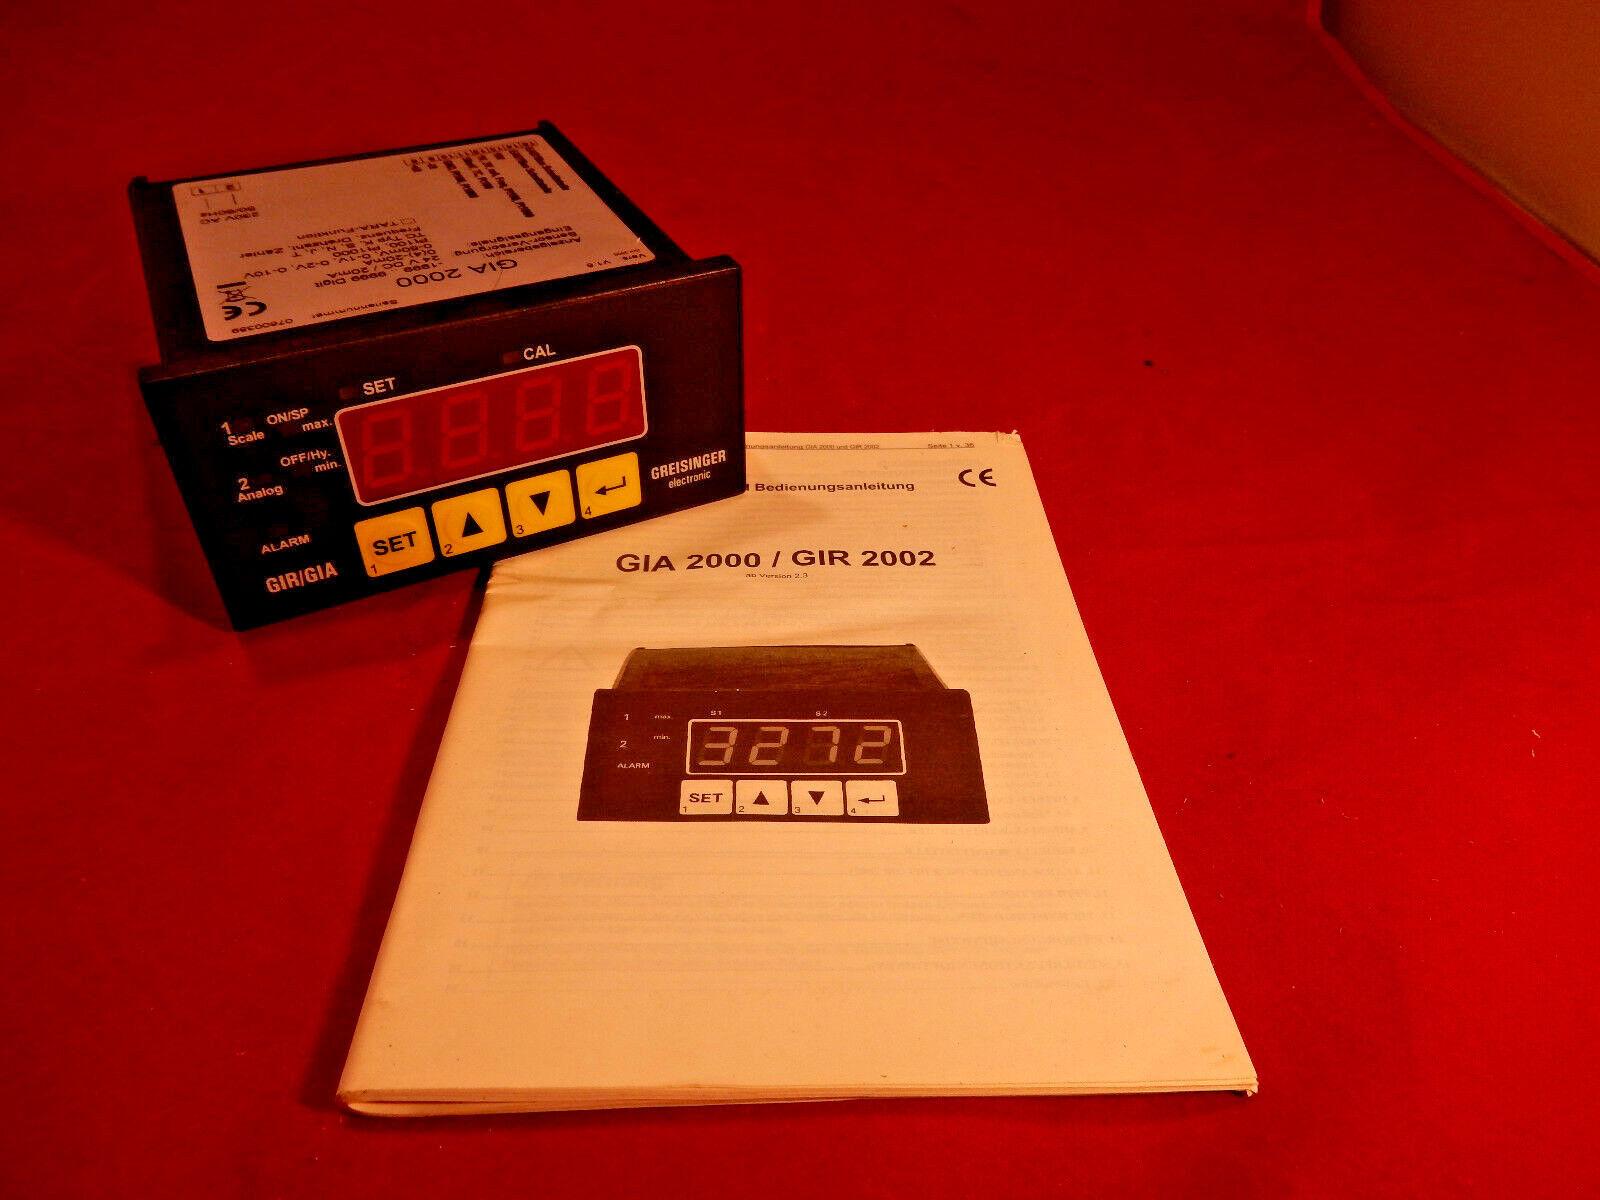 Greisinger Easybus GIA 2000 24 Volt Mess- und Anzeigegerät   86